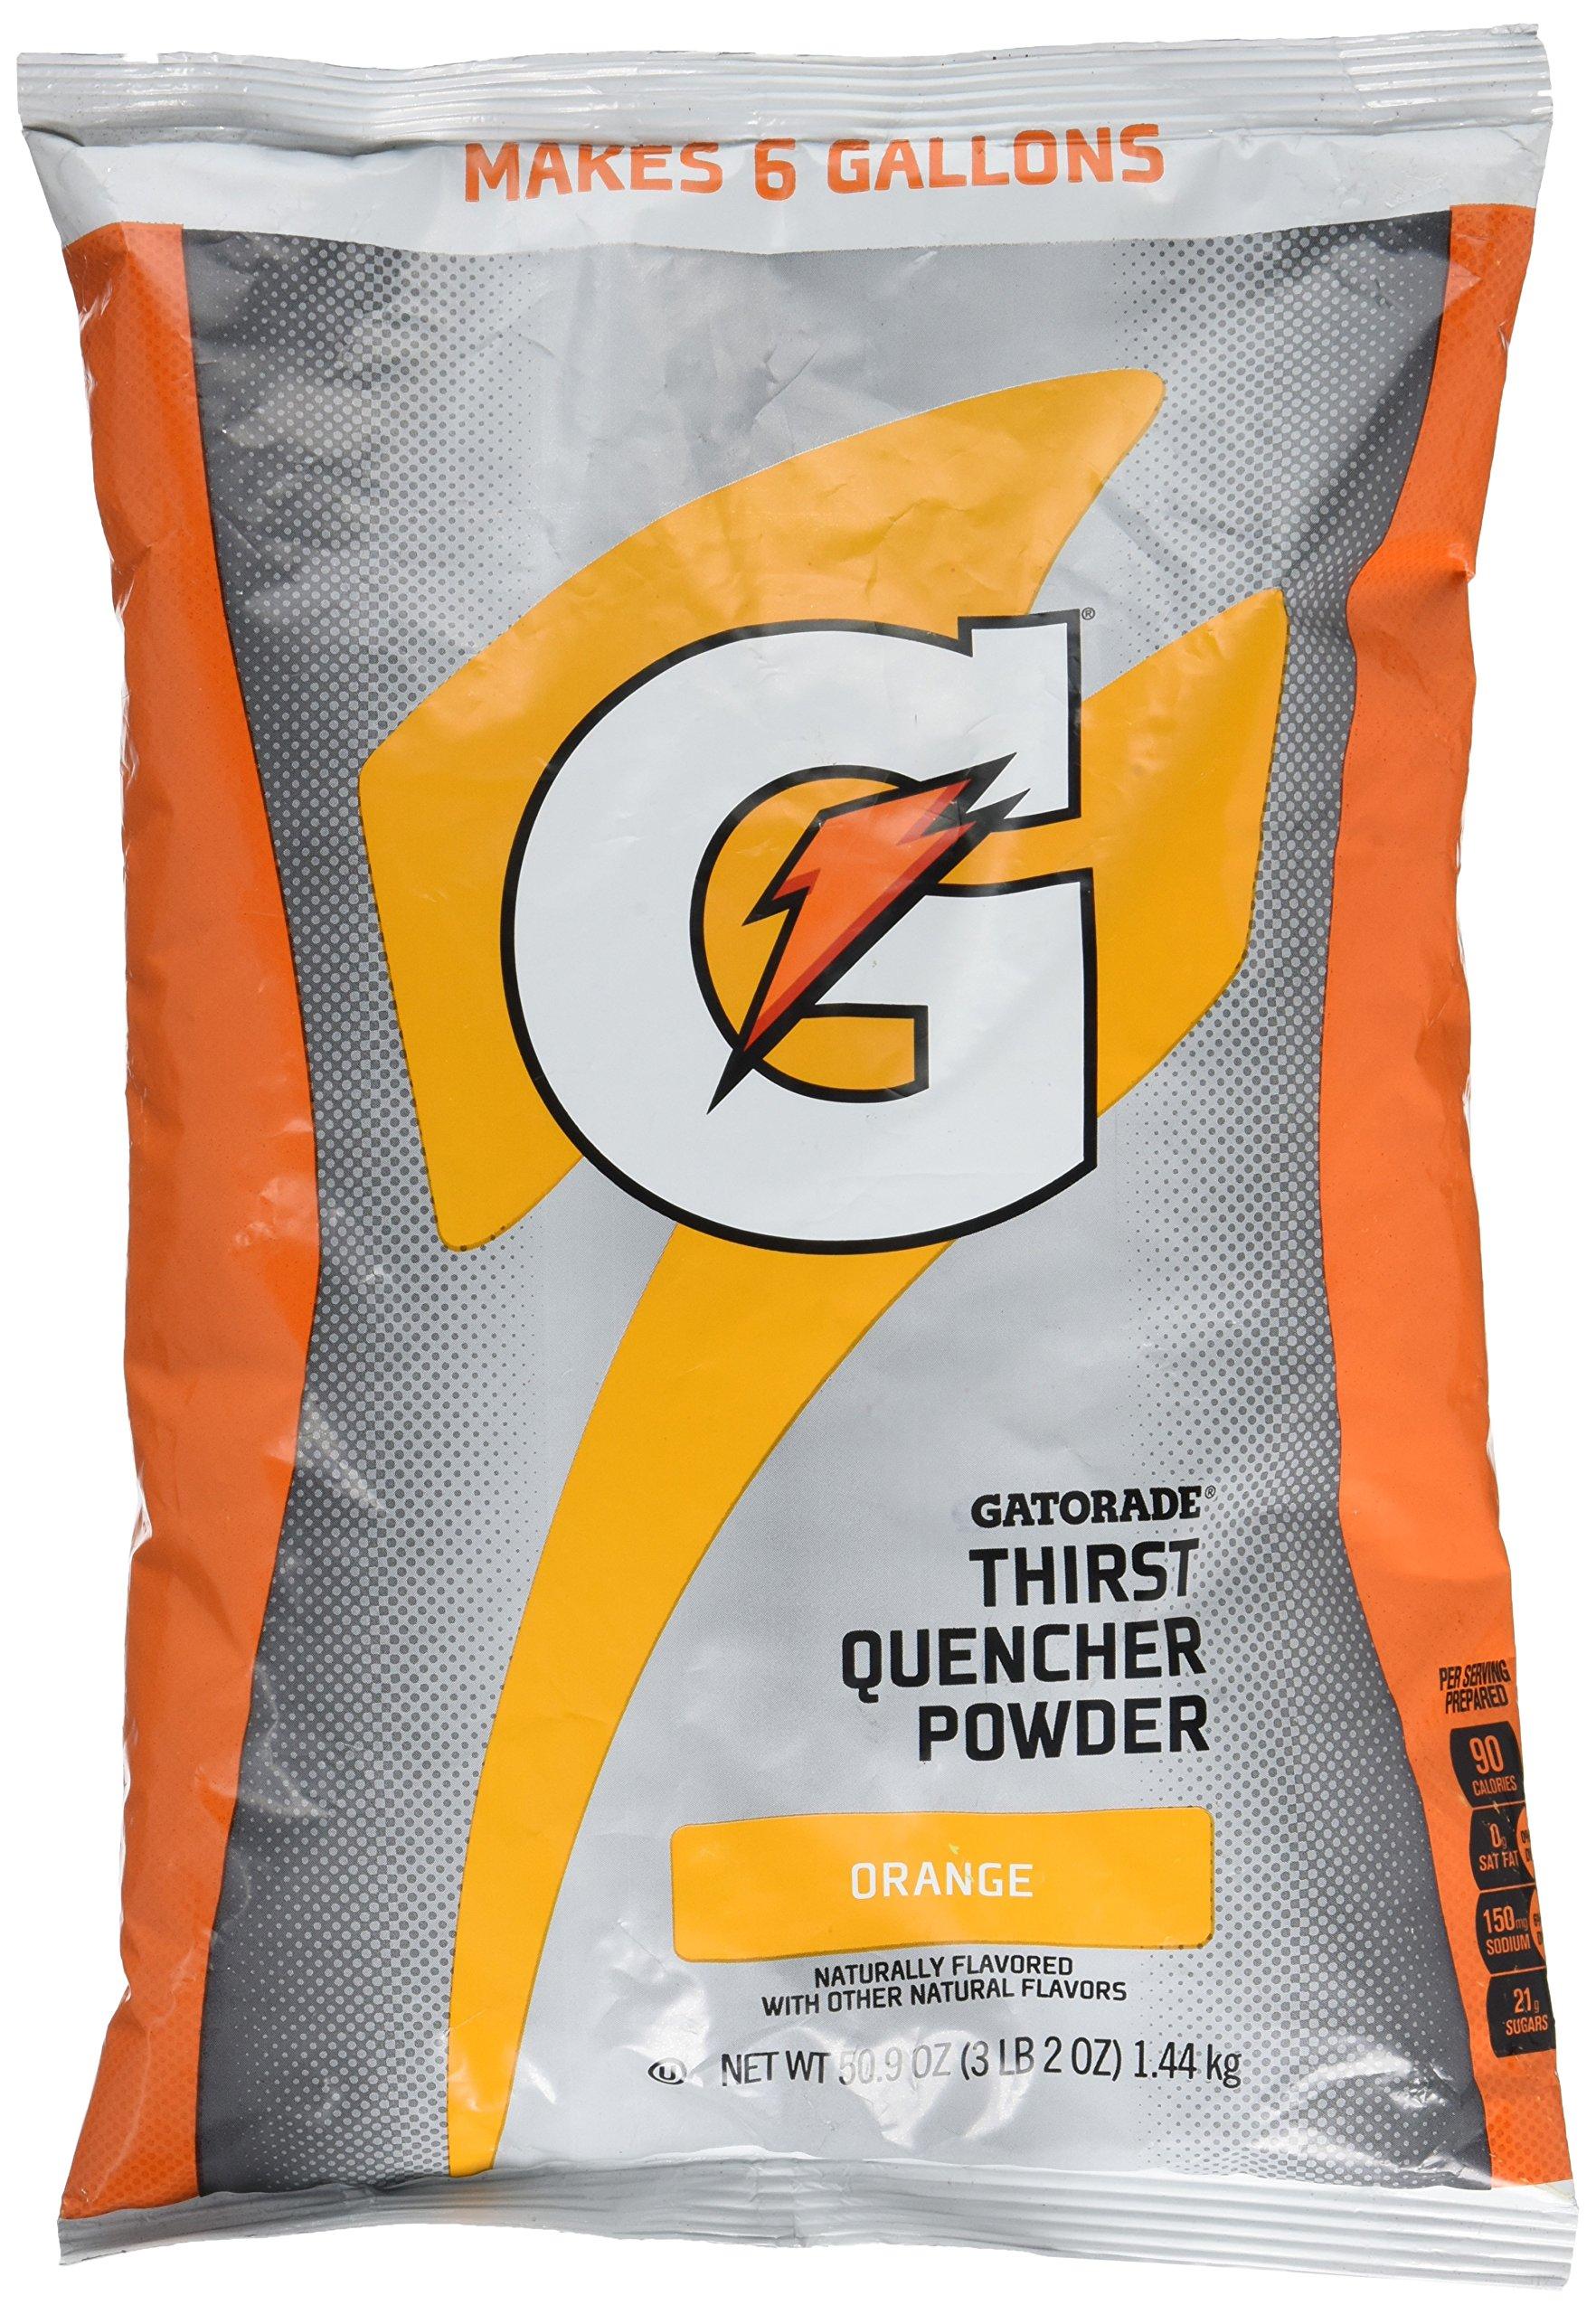 Gatorade Orange Thirst Quencher Powder Mix 51oz Packet Makes 6 Gallons